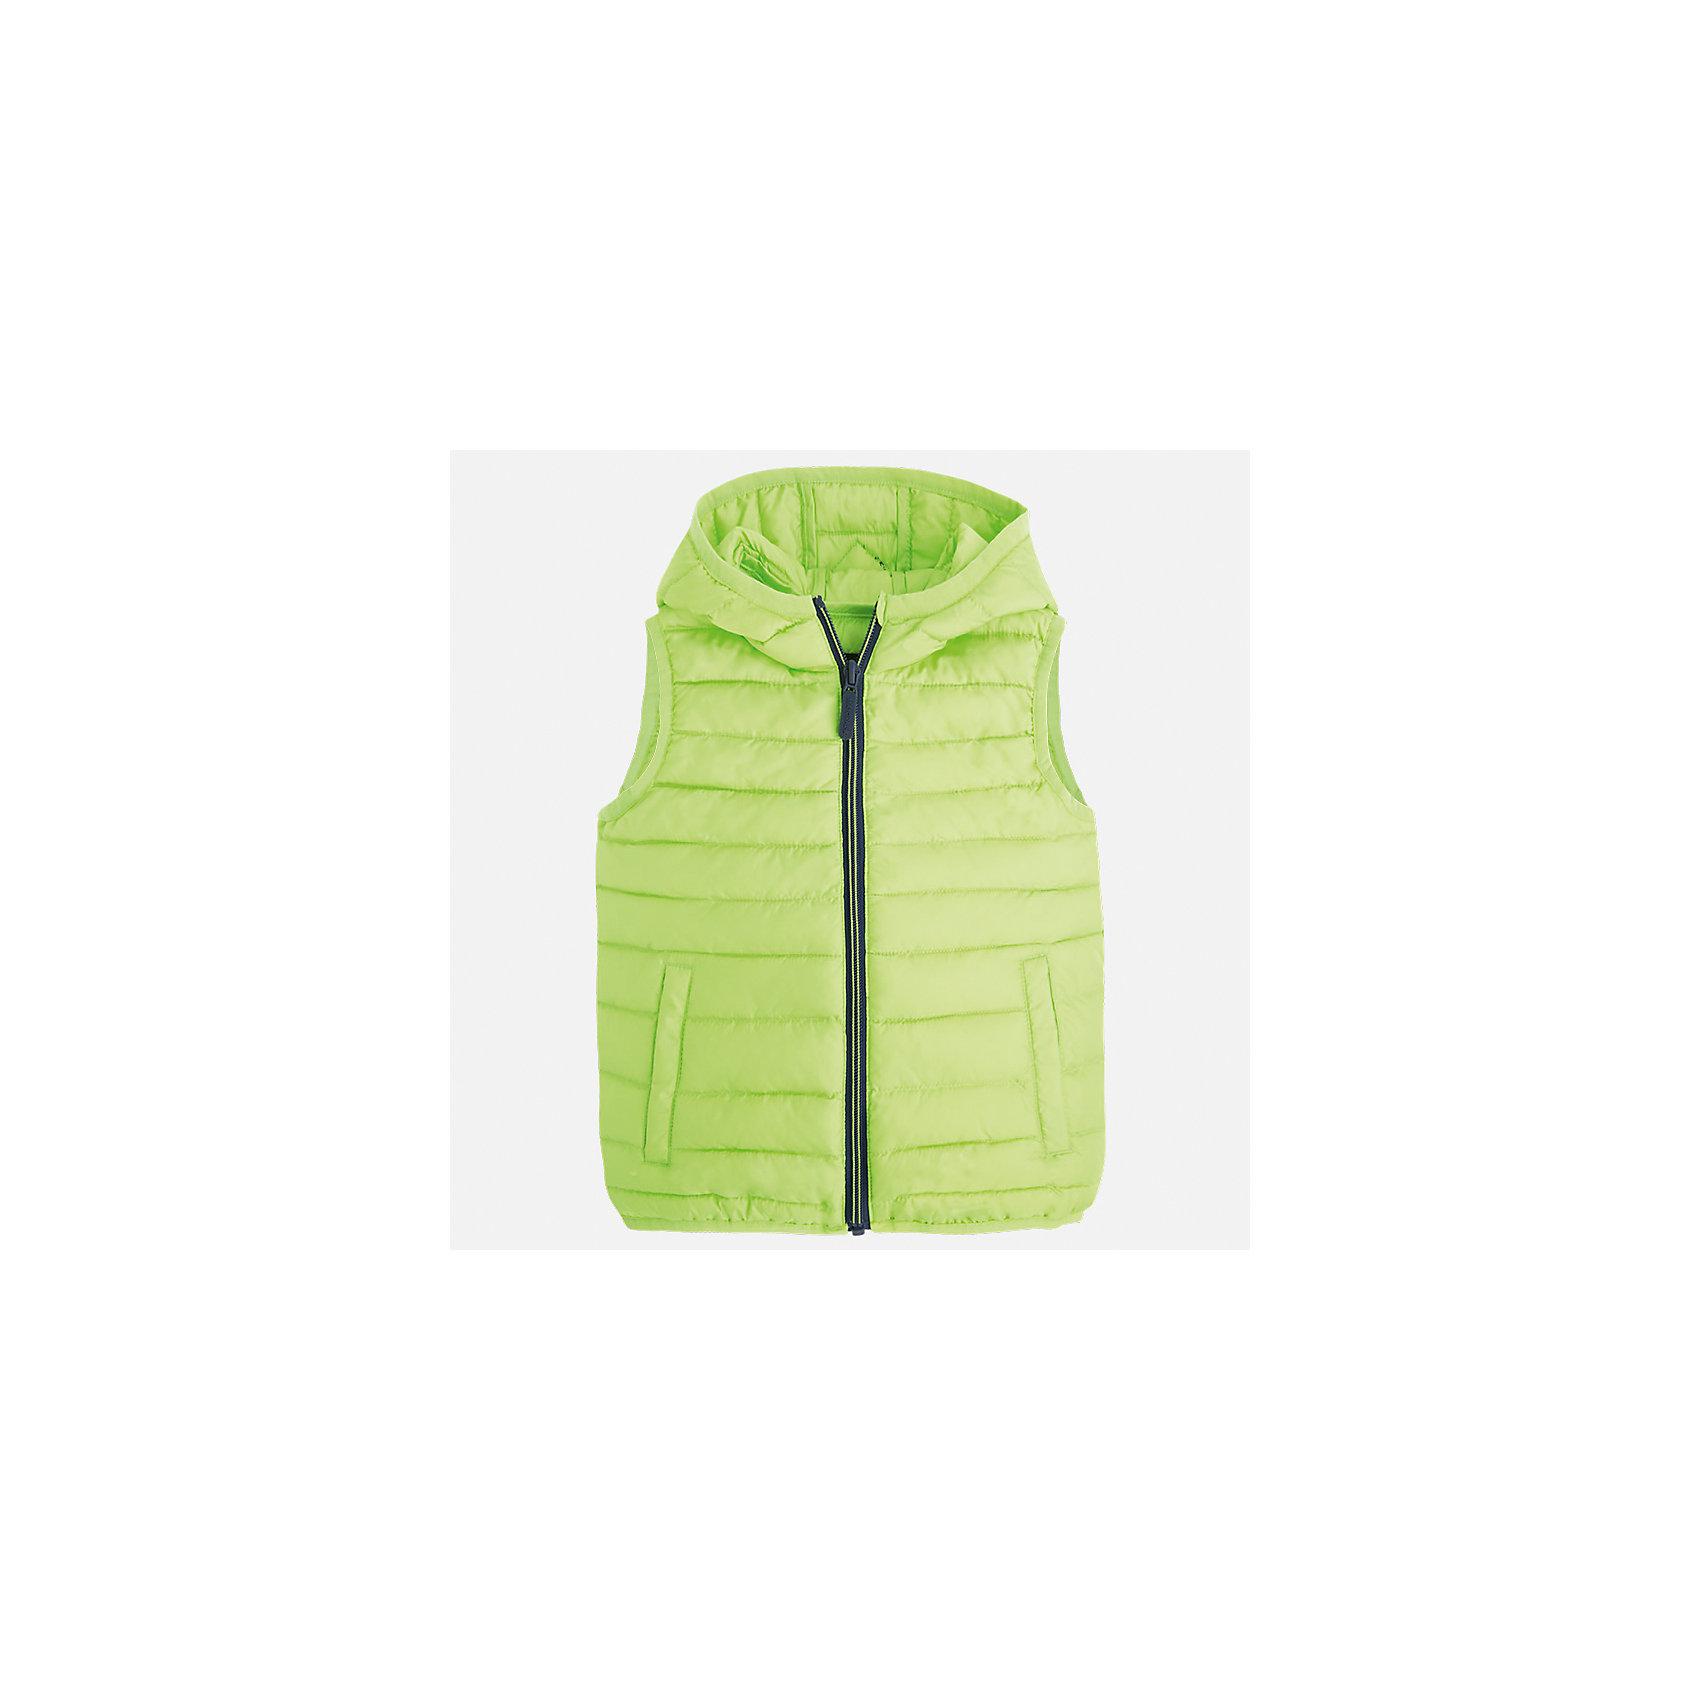 Жилет для мальчика MayoralЖилеты<br>Характеристики товара:<br><br>• цвет: зеленый<br>• состав: 100% полиэстер<br>• температурный режим: от +20°до +10°С<br>• без рукавов<br>• карманы<br>• молния <br>• капюшон<br>• страна бренда: Испания<br><br>Стильный жилет для мальчика поможет разнообразить гардероб ребенка и обеспечить тепло. Он отлично сочетается и с джинсами, и с брюками. Универсальный цвет позволяет подобрать к вещи низ различных расцветок. Модное и практичное изделие.<br><br>Одежда, обувь и аксессуары от испанского бренда Mayoral полюбились детям и взрослым по всему миру. Модели этой марки - стильные и удобные. Для их производства используются только безопасные, качественные материалы и фурнитура. Порадуйте ребенка модными и красивыми вещами от Mayoral! <br><br>Жилет для мальчика от испанского бренда Mayoral (Майорал) можно купить в нашем интернет-магазине.<br><br>Ширина мм: 190<br>Глубина мм: 74<br>Высота мм: 229<br>Вес г: 236<br>Цвет: зеленый<br>Возраст от месяцев: 18<br>Возраст до месяцев: 24<br>Пол: Мужской<br>Возраст: Детский<br>Размер: 92,110,104,98<br>SKU: 5280454